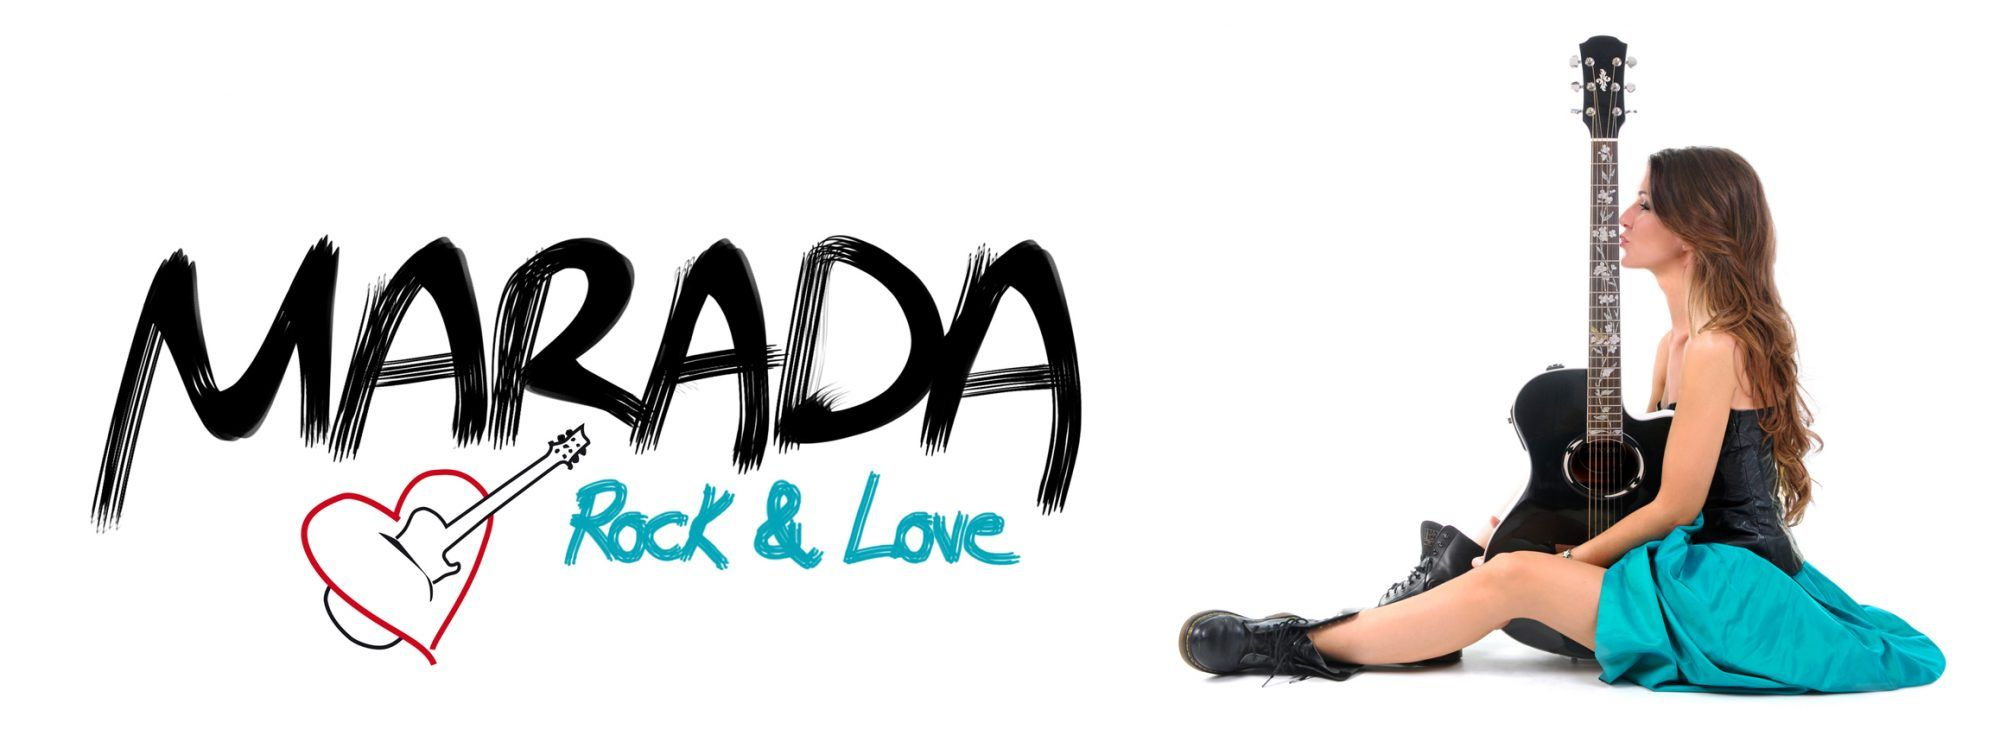 Marada Rock & Love